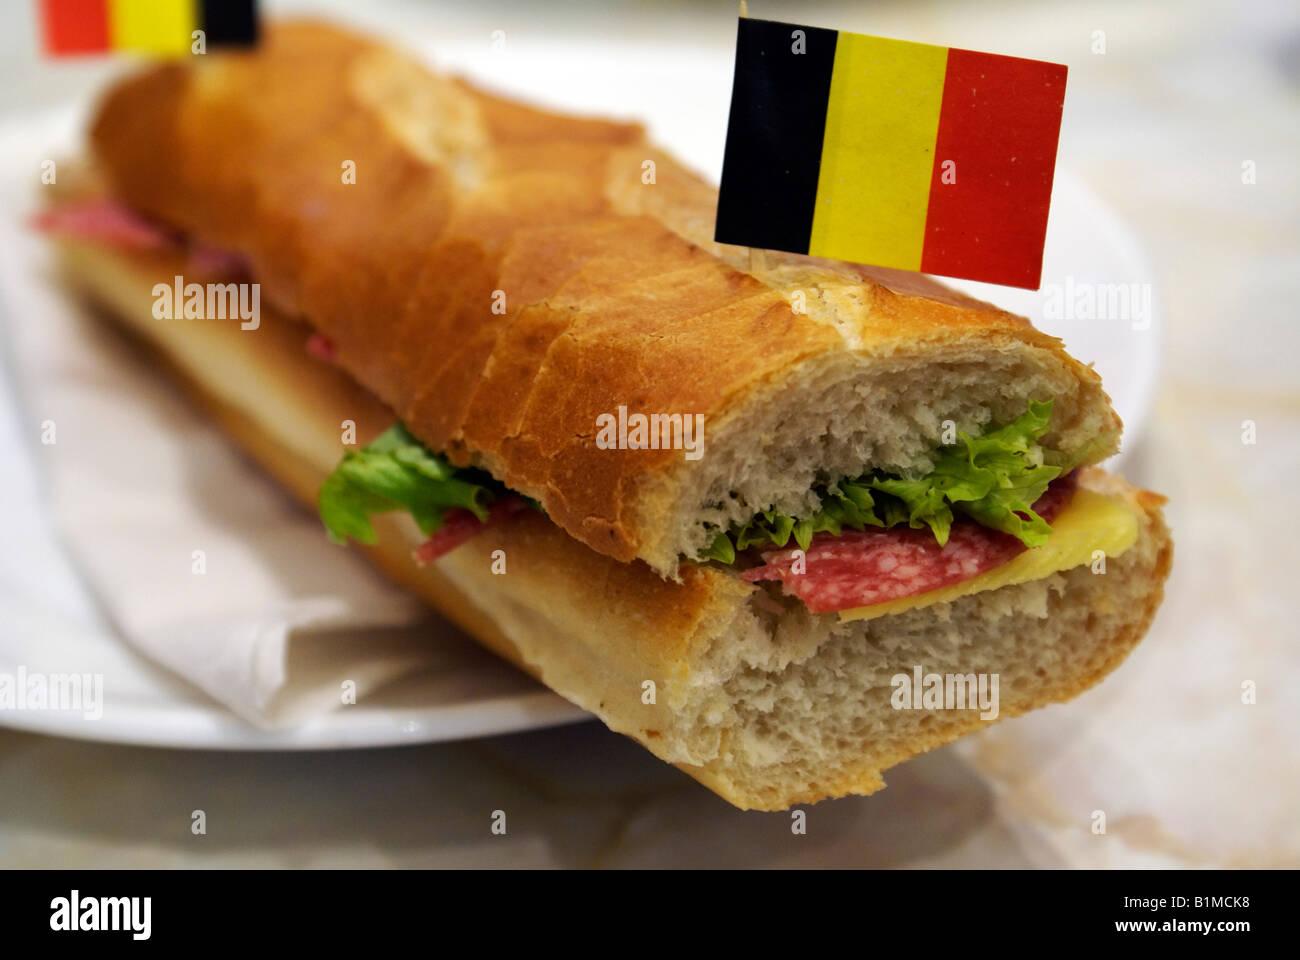 food flag belgium stock photos food flag belgium stock images alamy